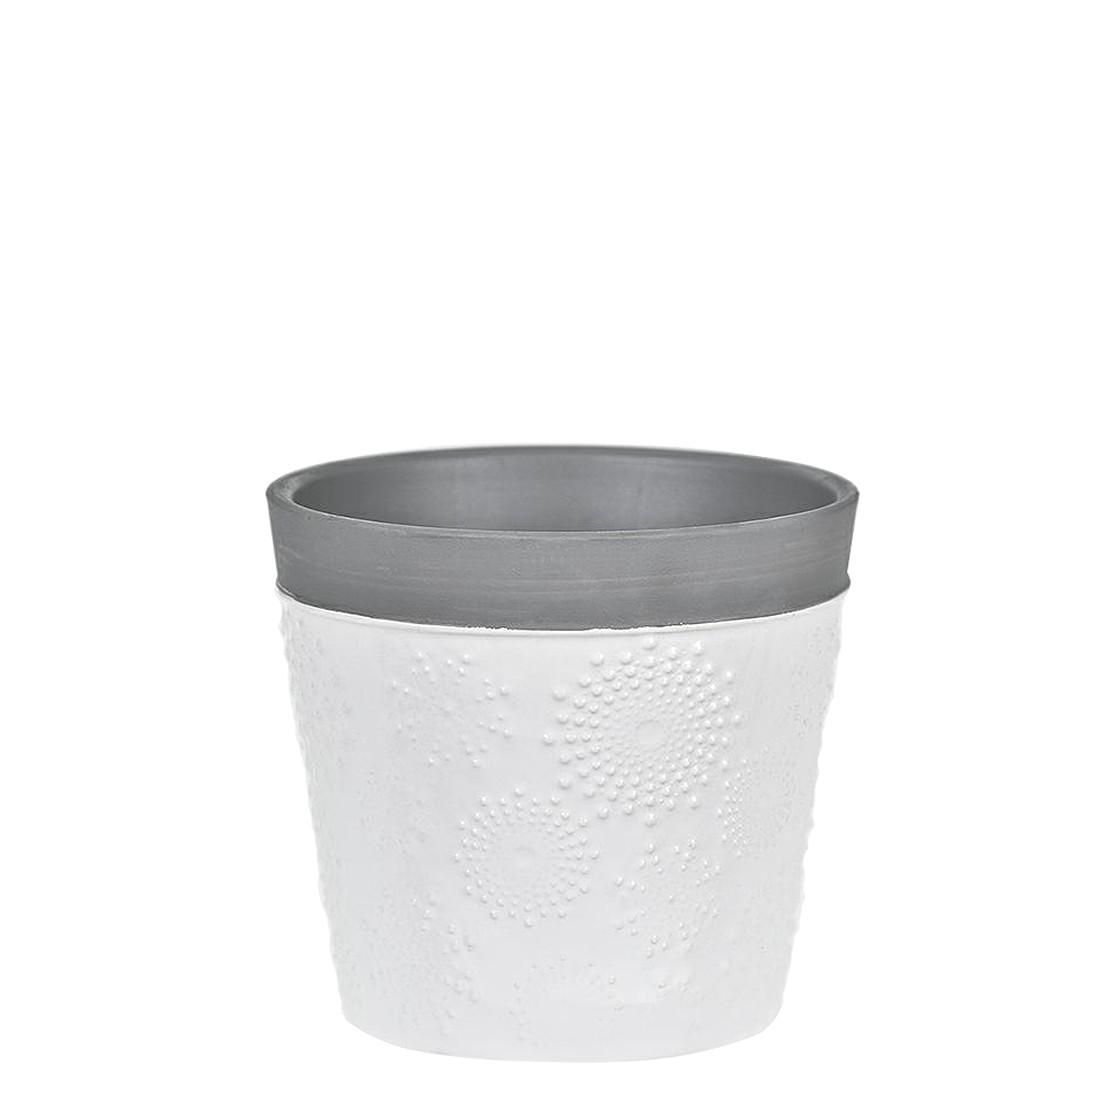 Vaso Decorativo Ceramica 13cm Redondo Branco e Cinza